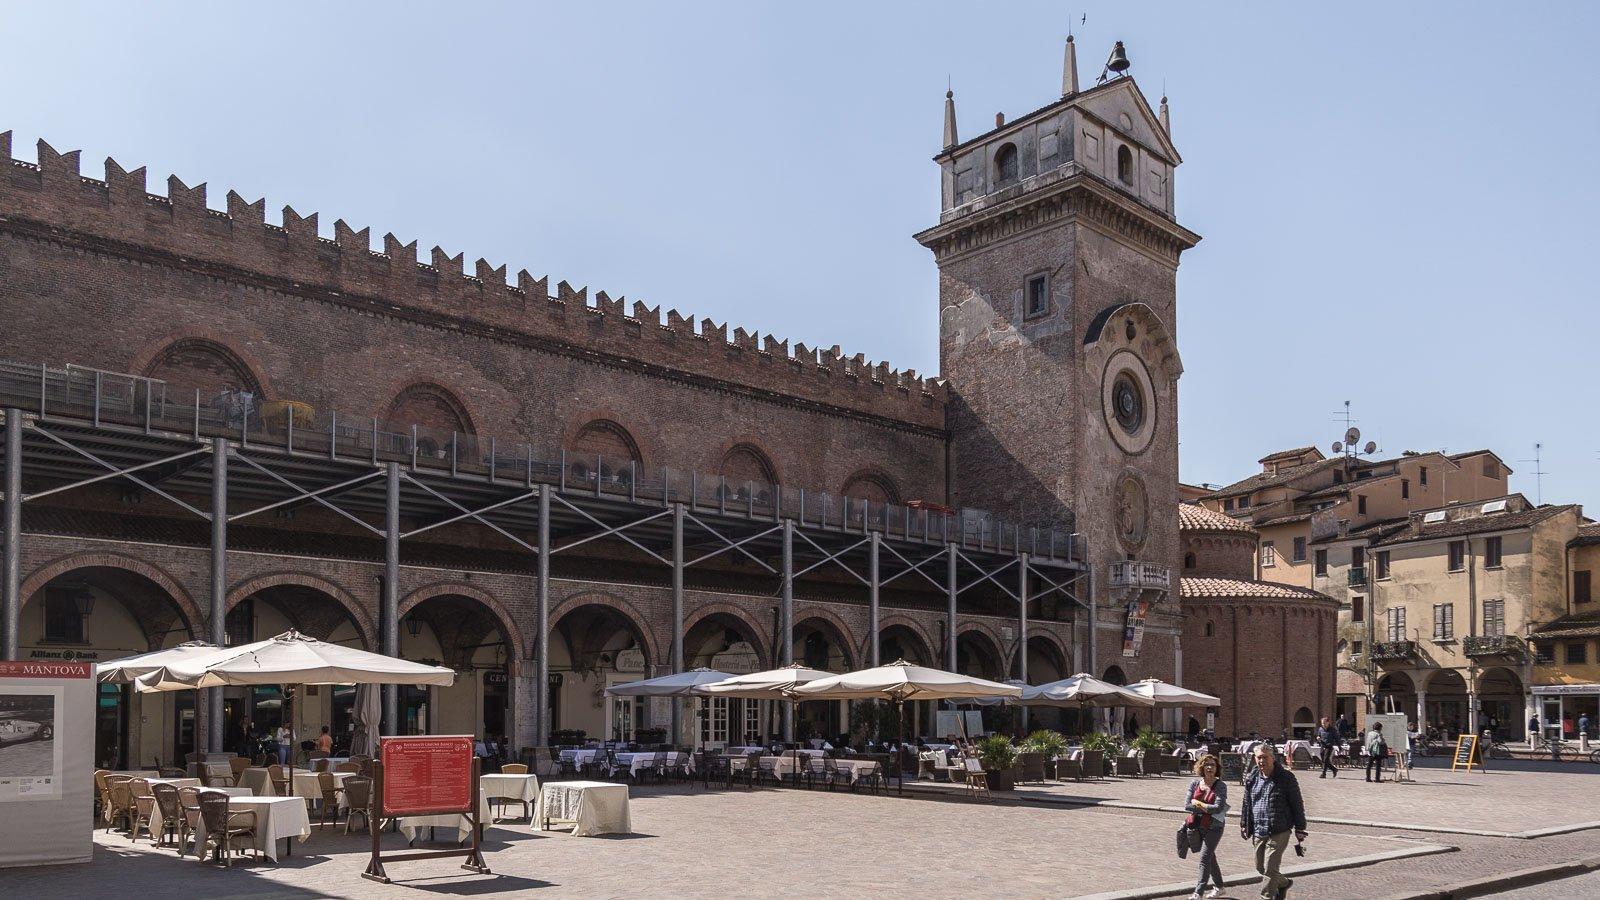 piazza-delle-erbe-mantova